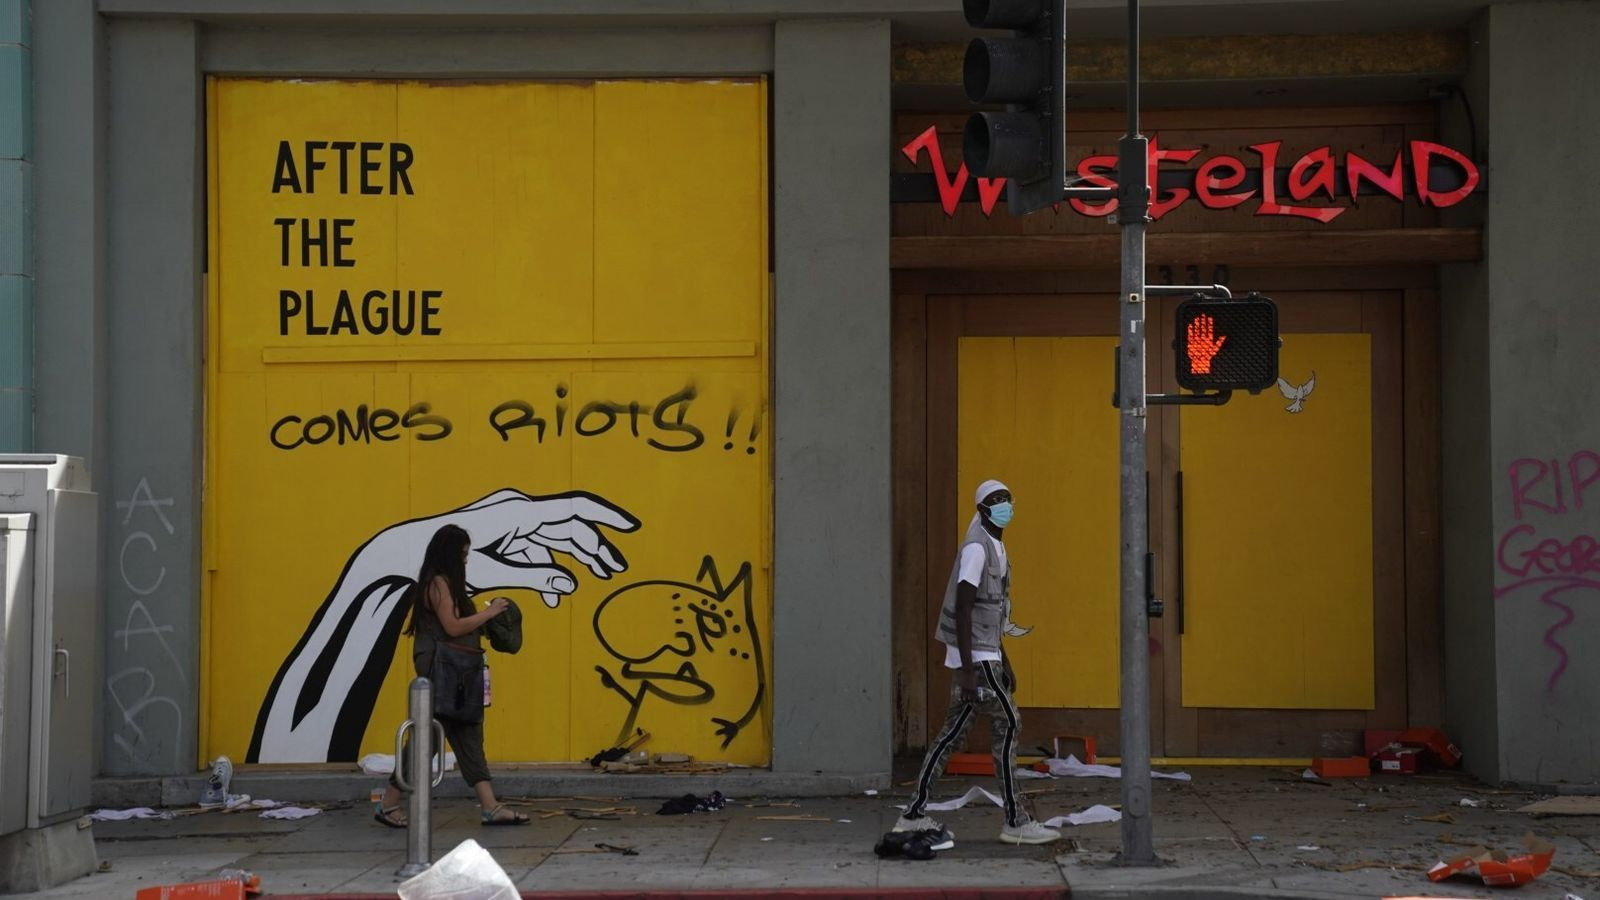 """Un cartell que diu """"Després de la plaga, arriben els disturbis"""", en un carrer de Santa Monica, a Califòrnia"""